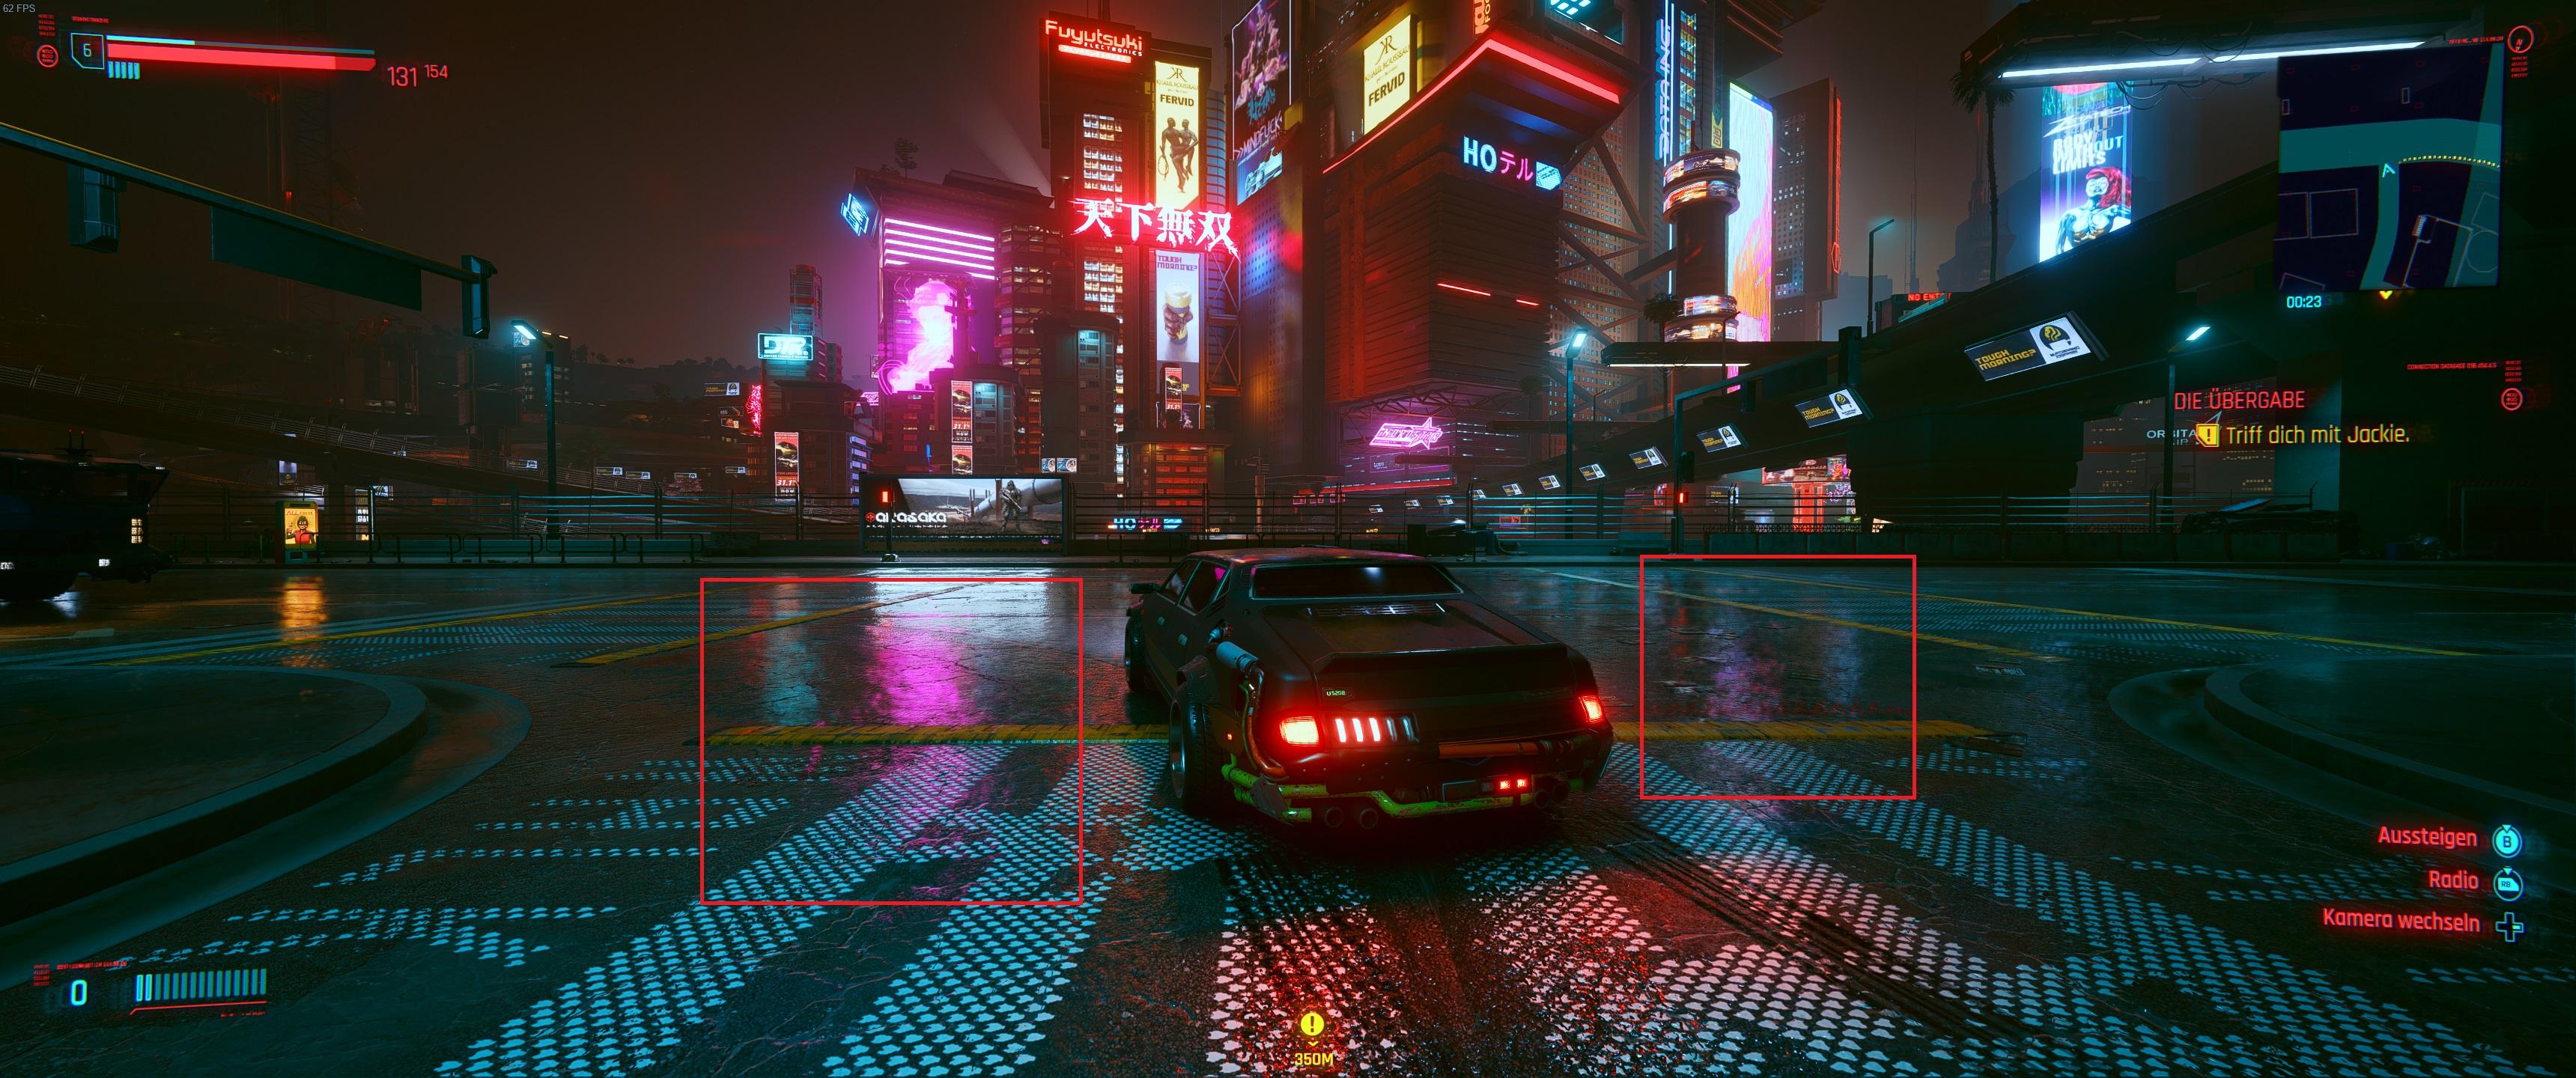 Cyberpunk-2077-Screenshot-2020-12-13-01-04-42-31.jpg